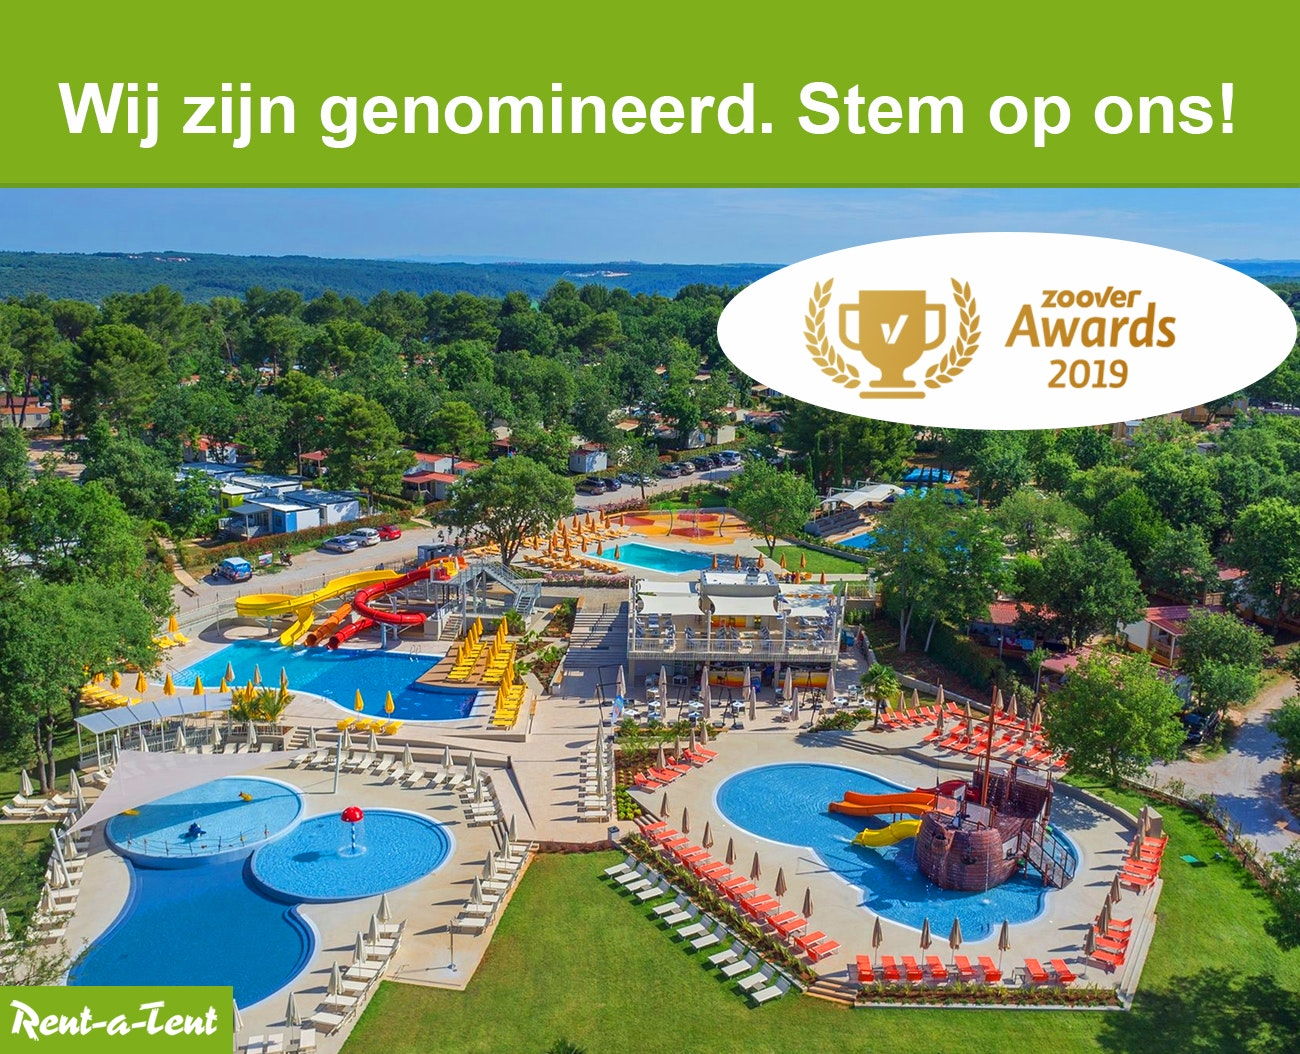 Genomineerd voor Zoover Awards 2019